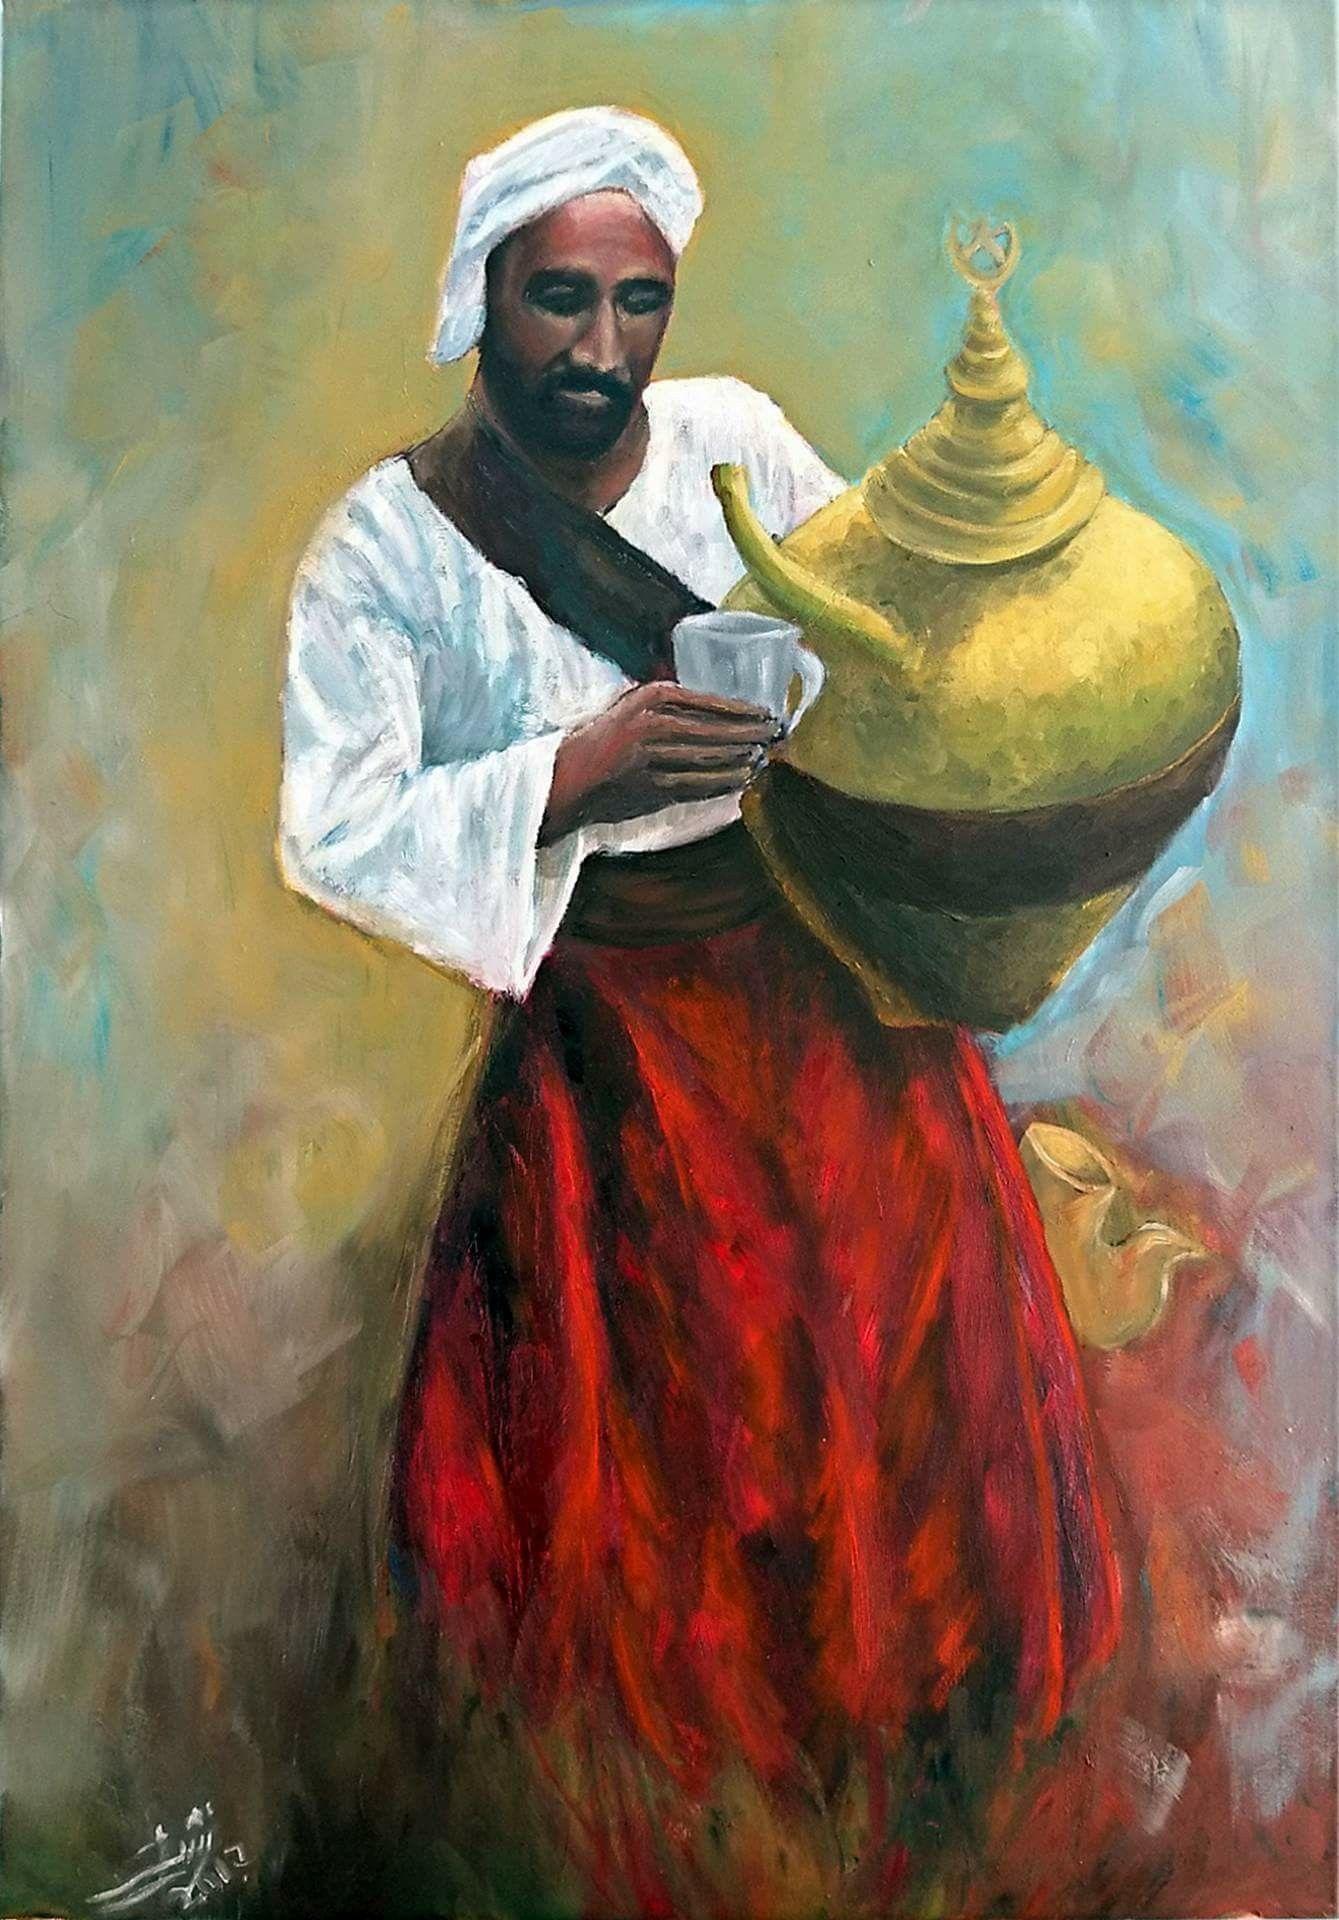 بائع العرق سوس الفنان نشأت عبدالمولى 2017 Oil On Canvas 100 X 70 Nashaat Abdelmawla Egyptian Art Egyptian Egypt